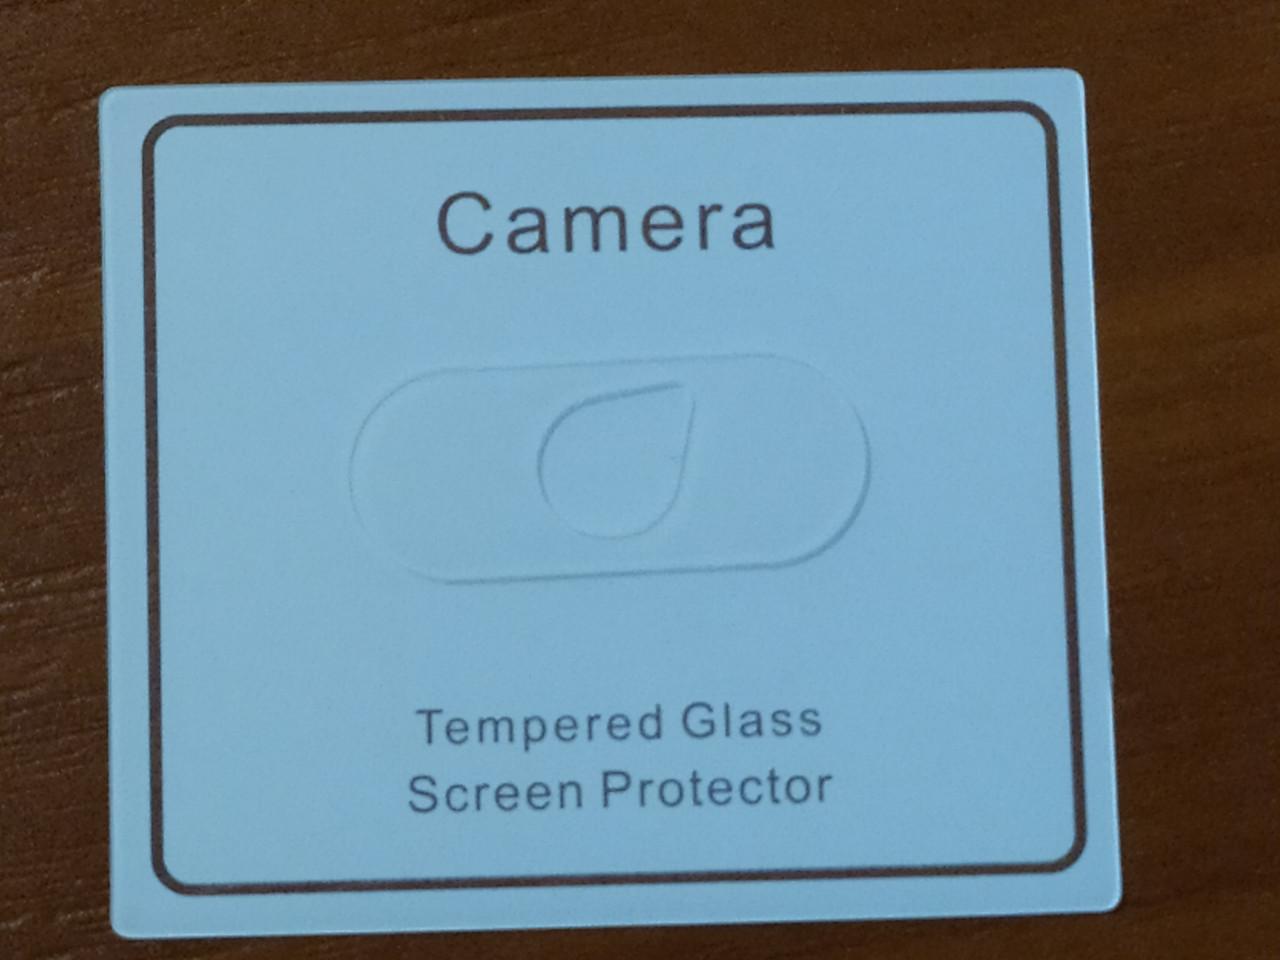 Защитное стекло на камеру Tempered Glass Screen Protector    iPhone X / Xs  5,8*